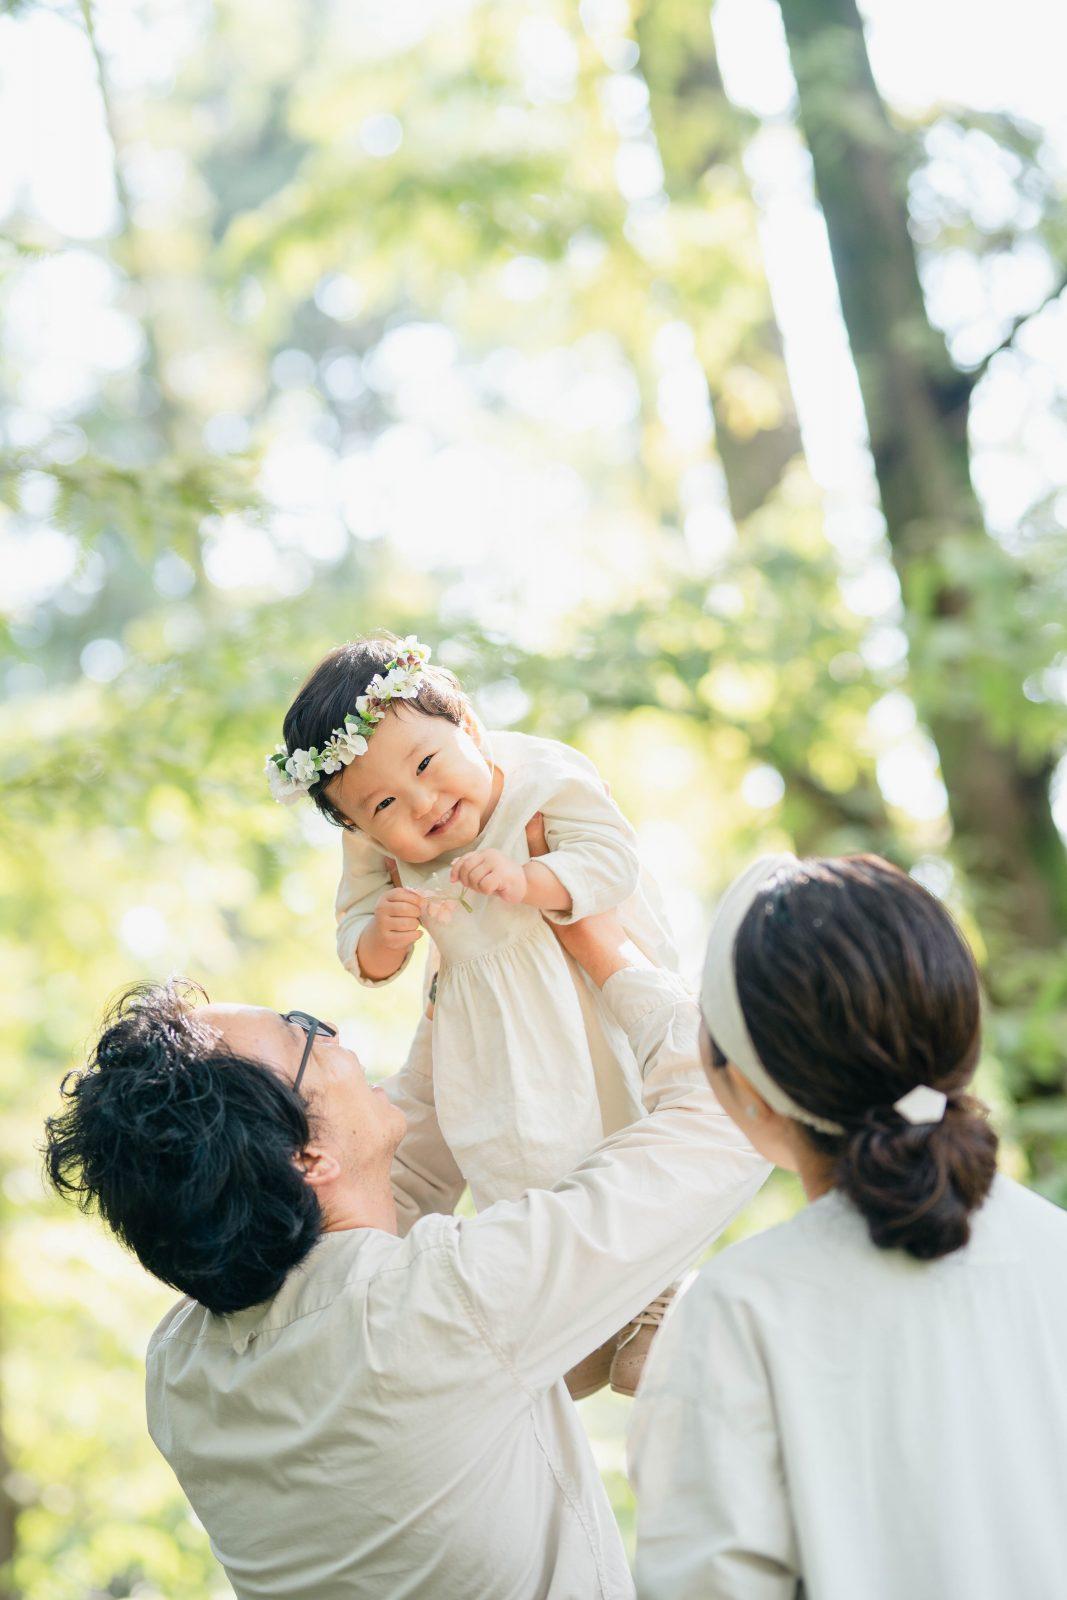 京都バースデー写真撮影